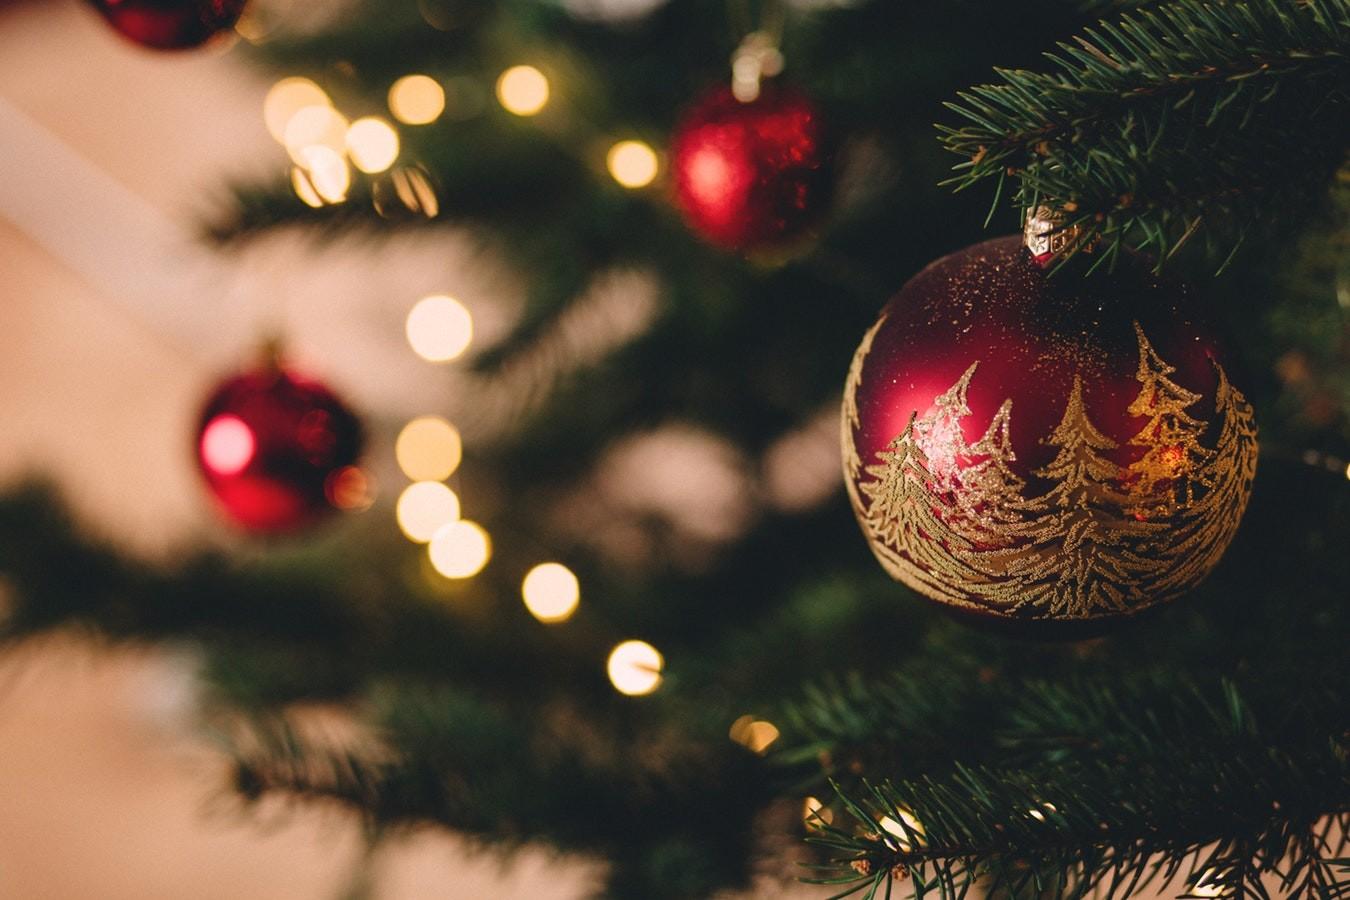 Как правильно загадать желание в новогоднюю ночь? 7 секретных способов